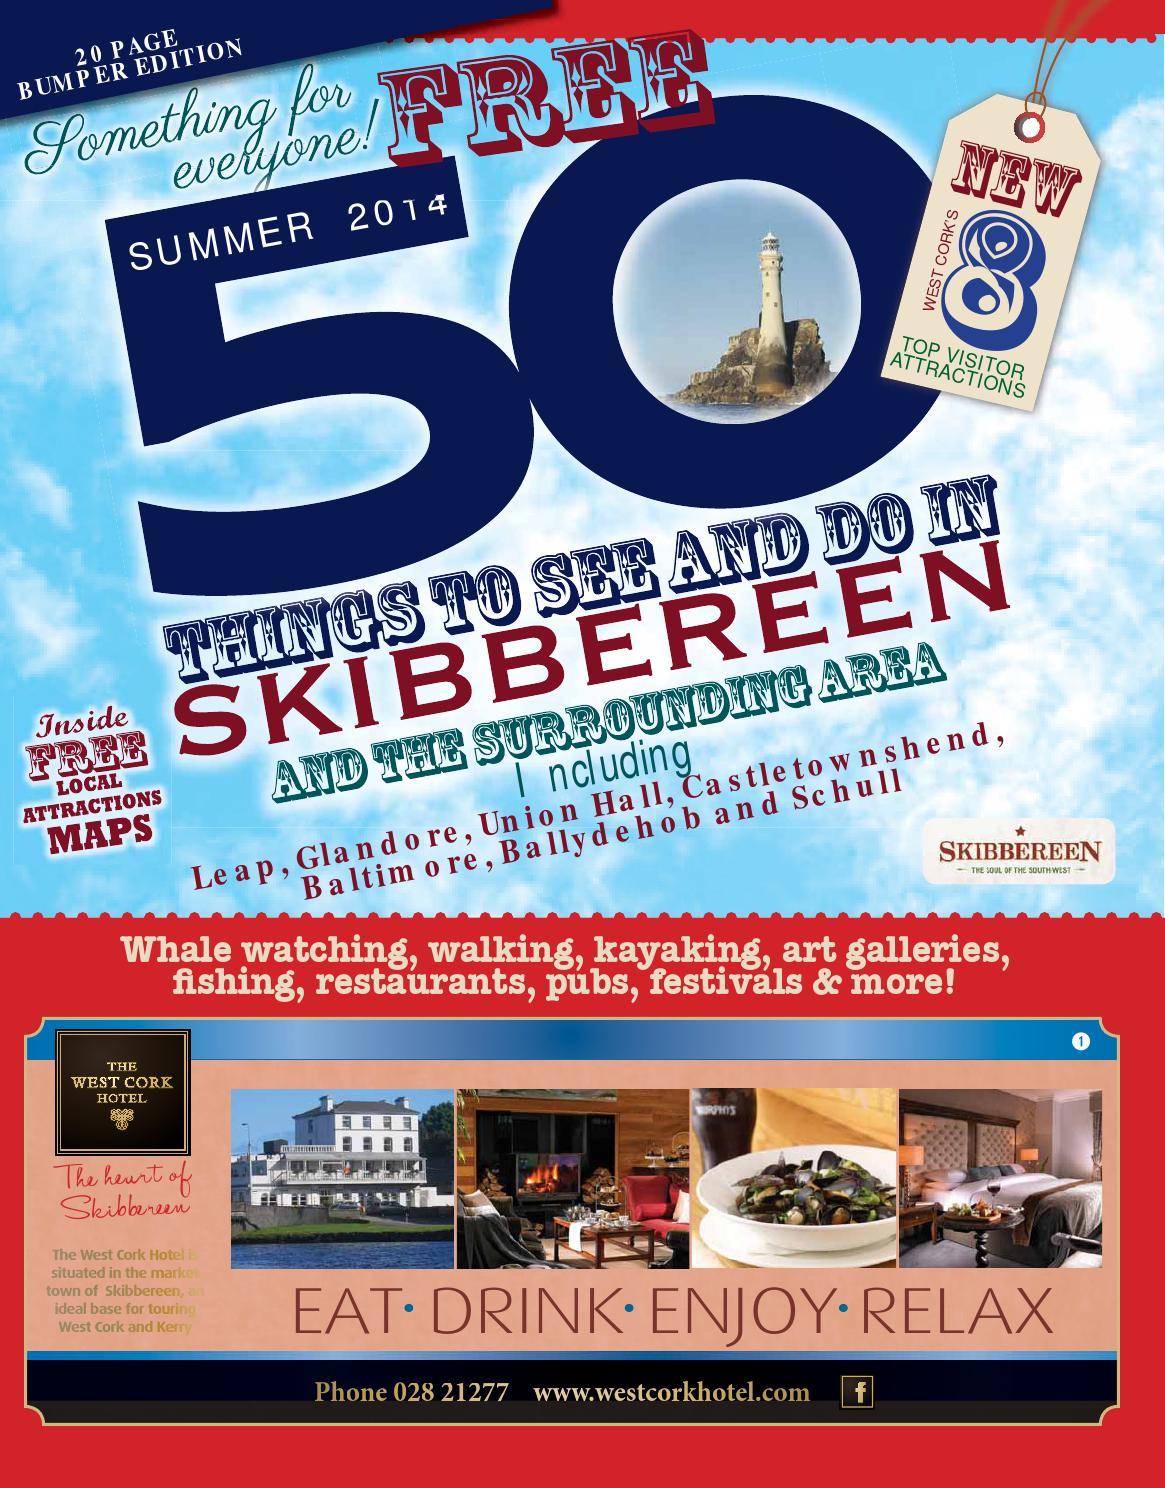 Skibbereen, Ireland Hobbies Events | Eventbrite